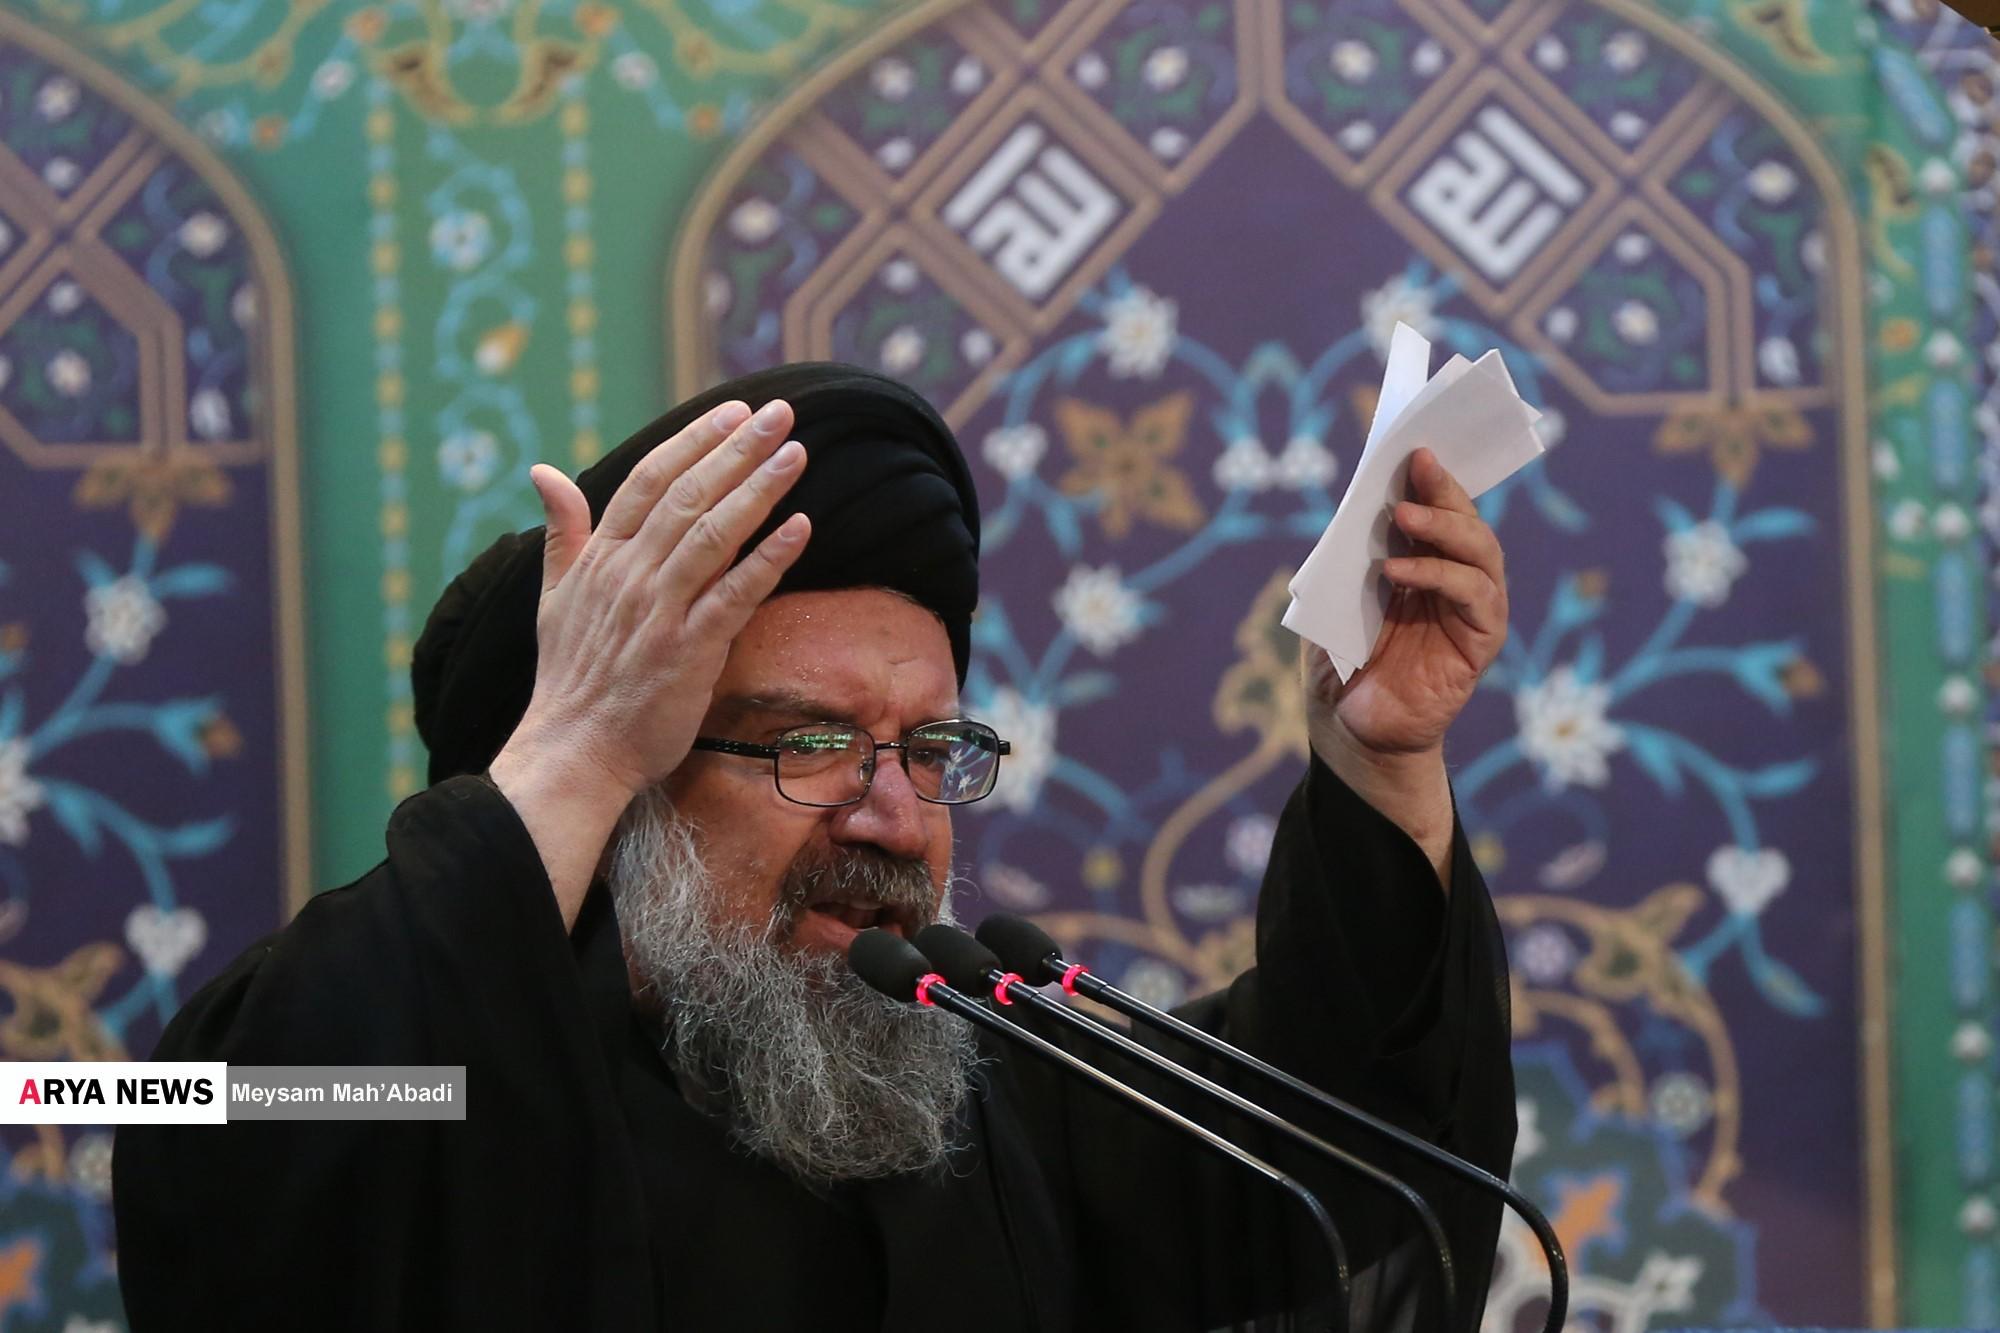 گزارش تصویری آریا از نماز جمعه تهران / 14 مهر 96